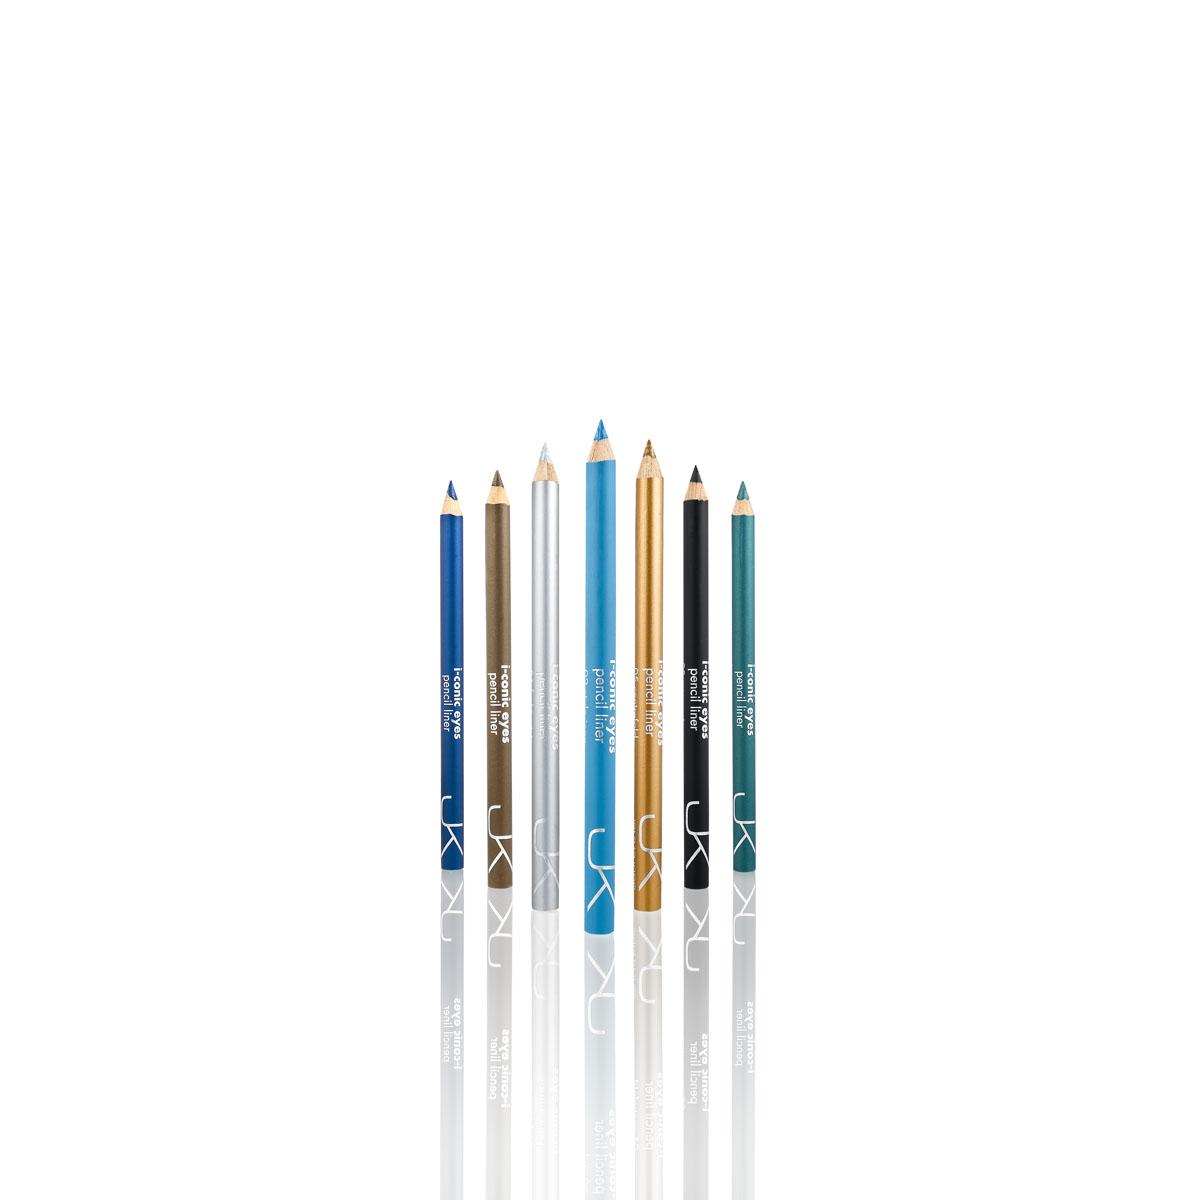 JK Jemma Kidd I-Conic Eyes Pencil Liner ($14) — comes with built-in sharpener.